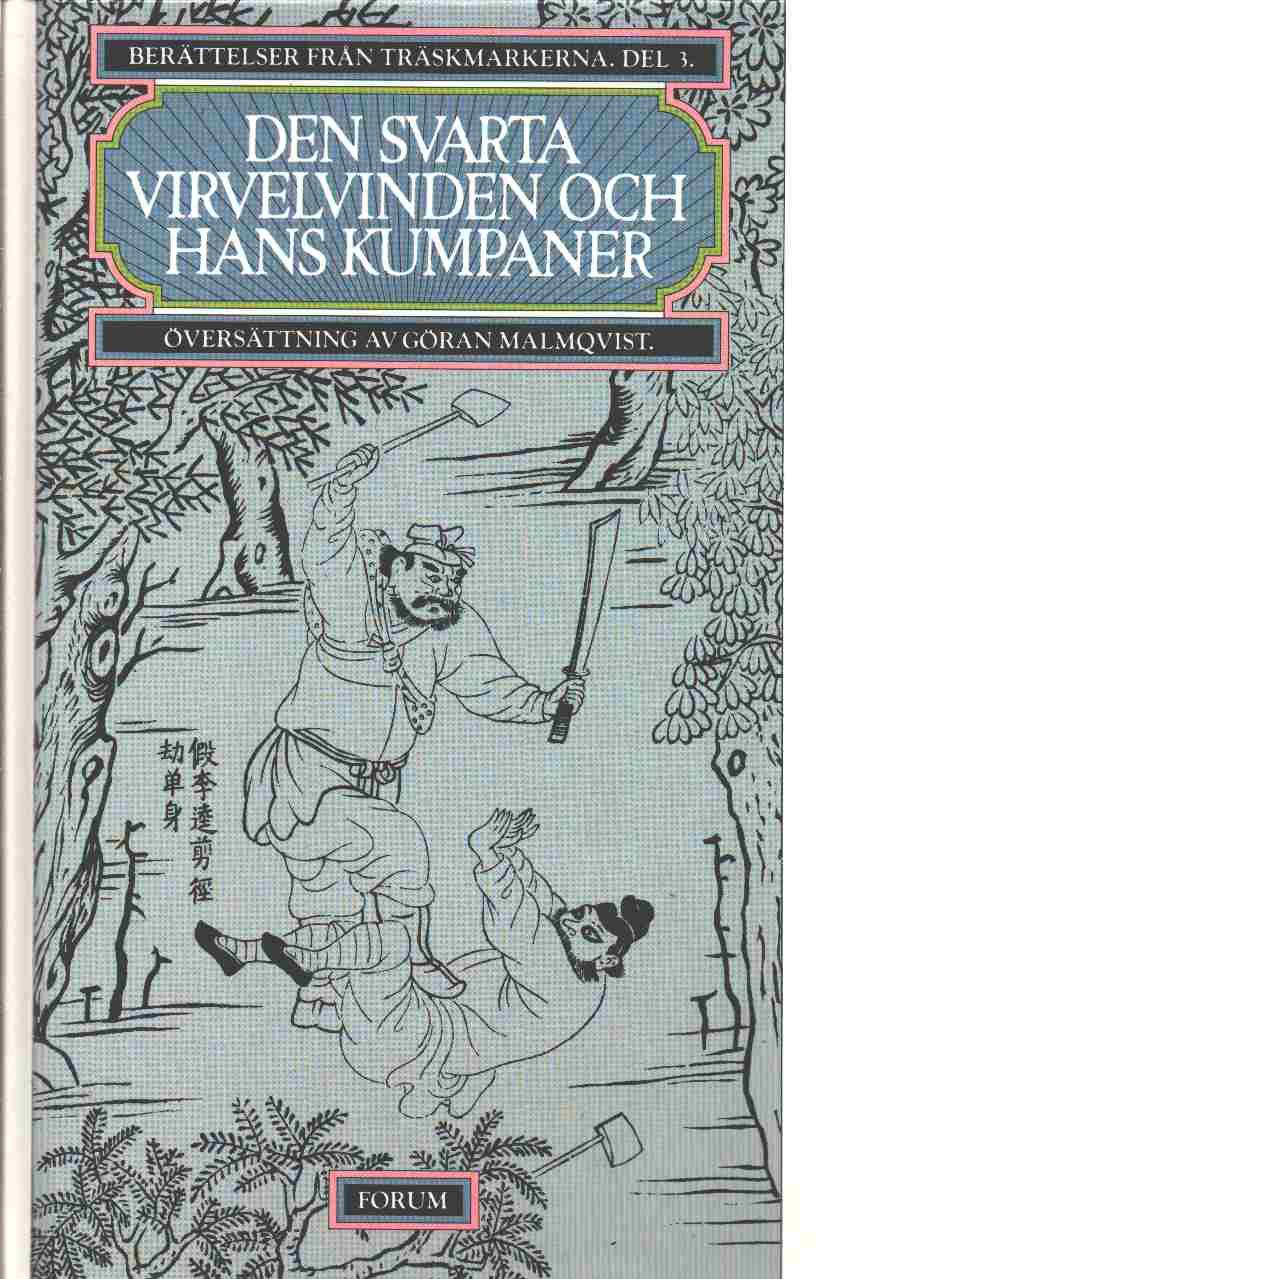 Berättelser från träskmarkerna. D. 3, Den svarta virvelvinden och hans kumpaner - Malmqvist, Göran